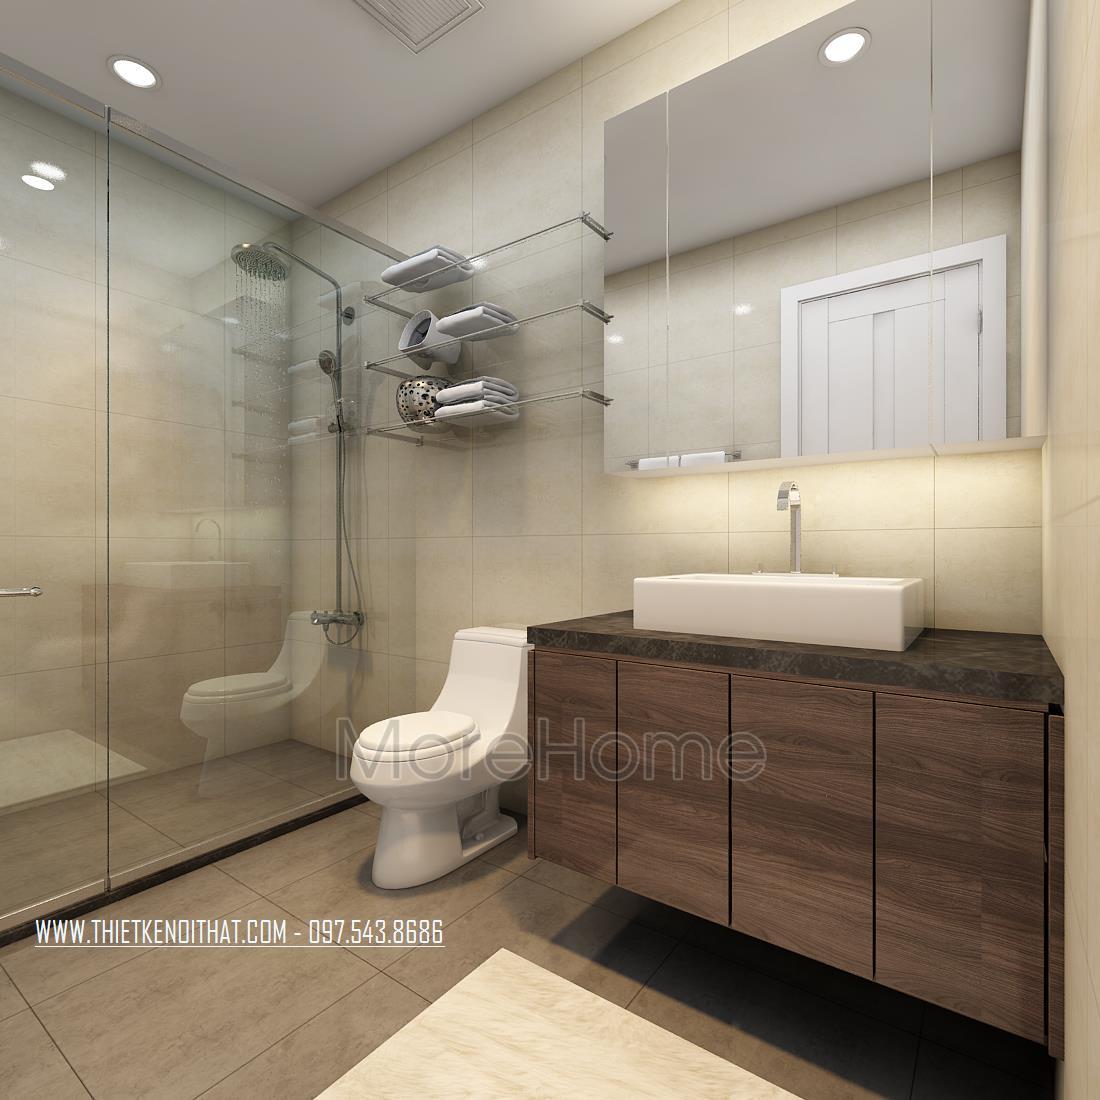 Thiết kế phòng tắm chung cư Ngoại Giao Đoàn